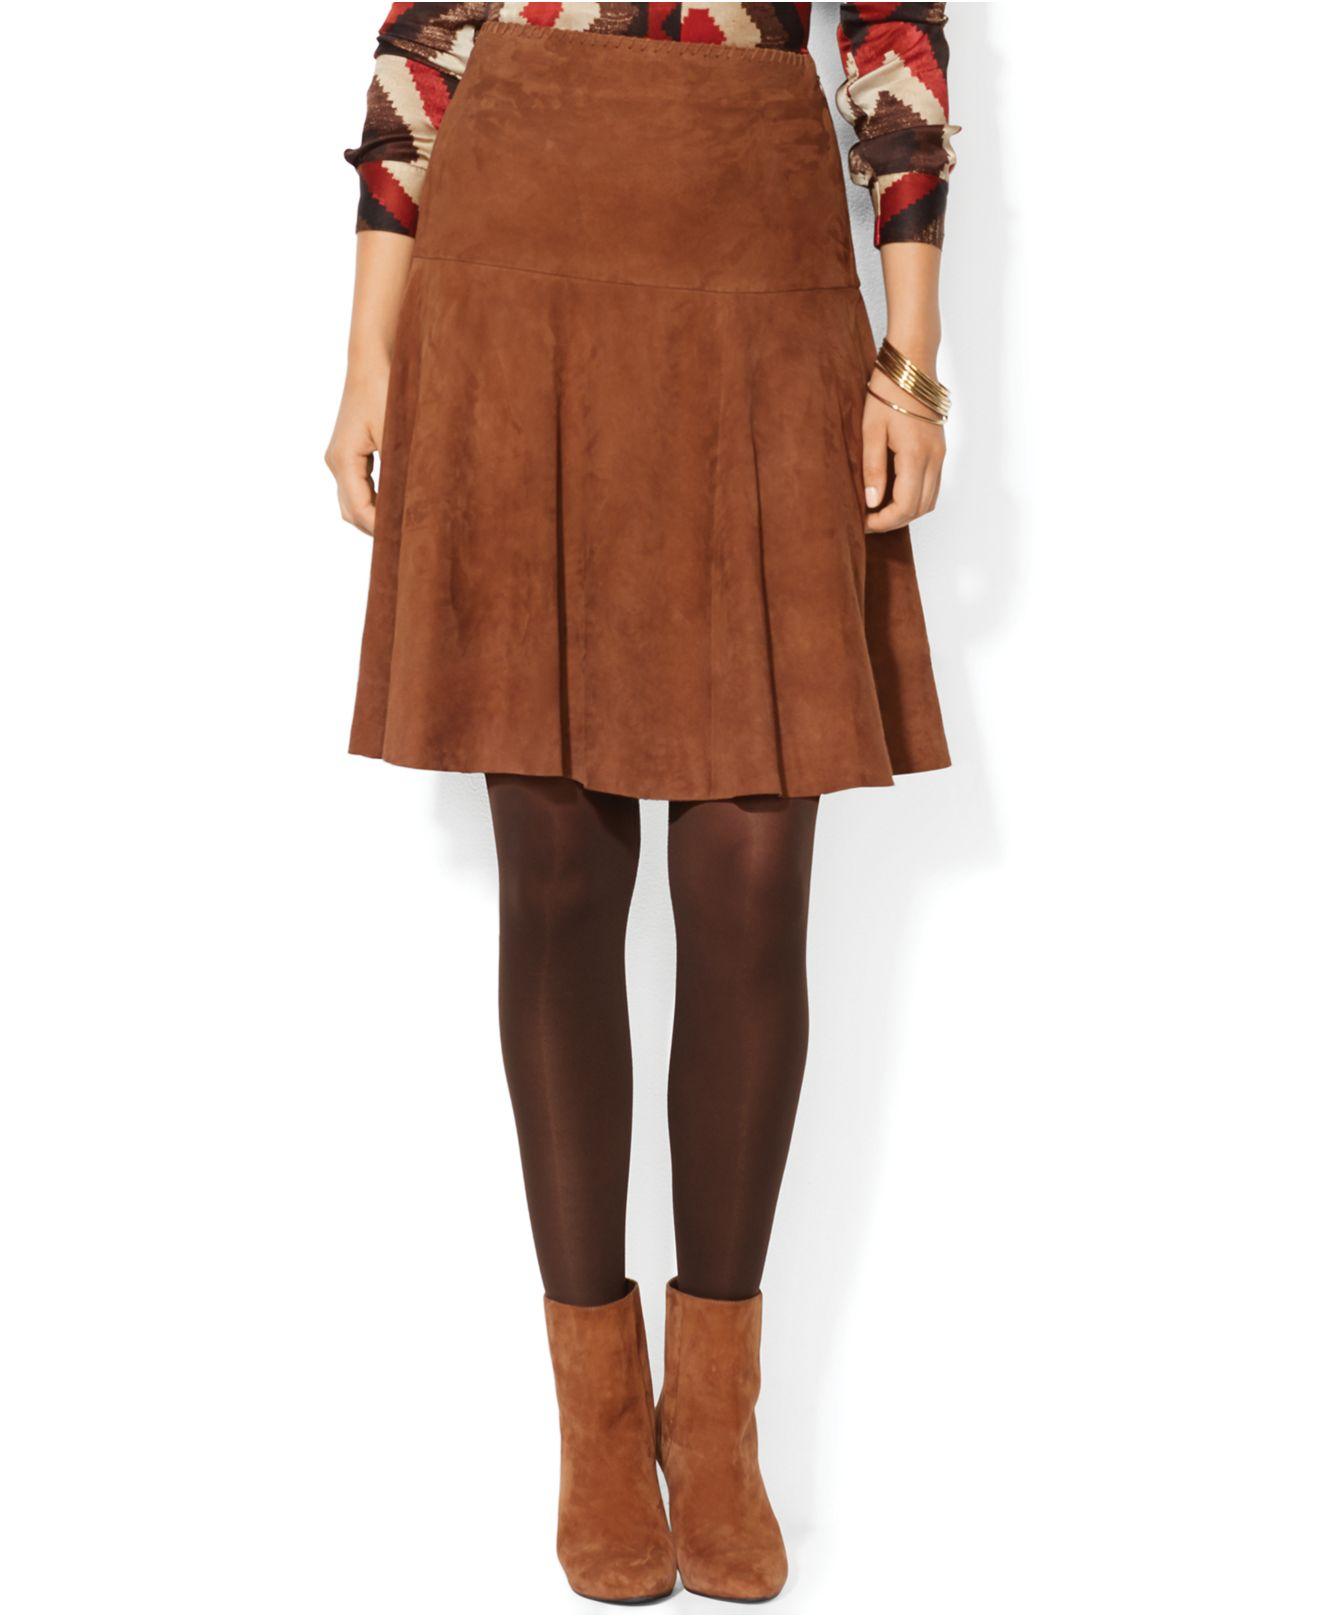 Lauren By Ralph Lauren Fitandflare Suede Skirt In Brown Lyst